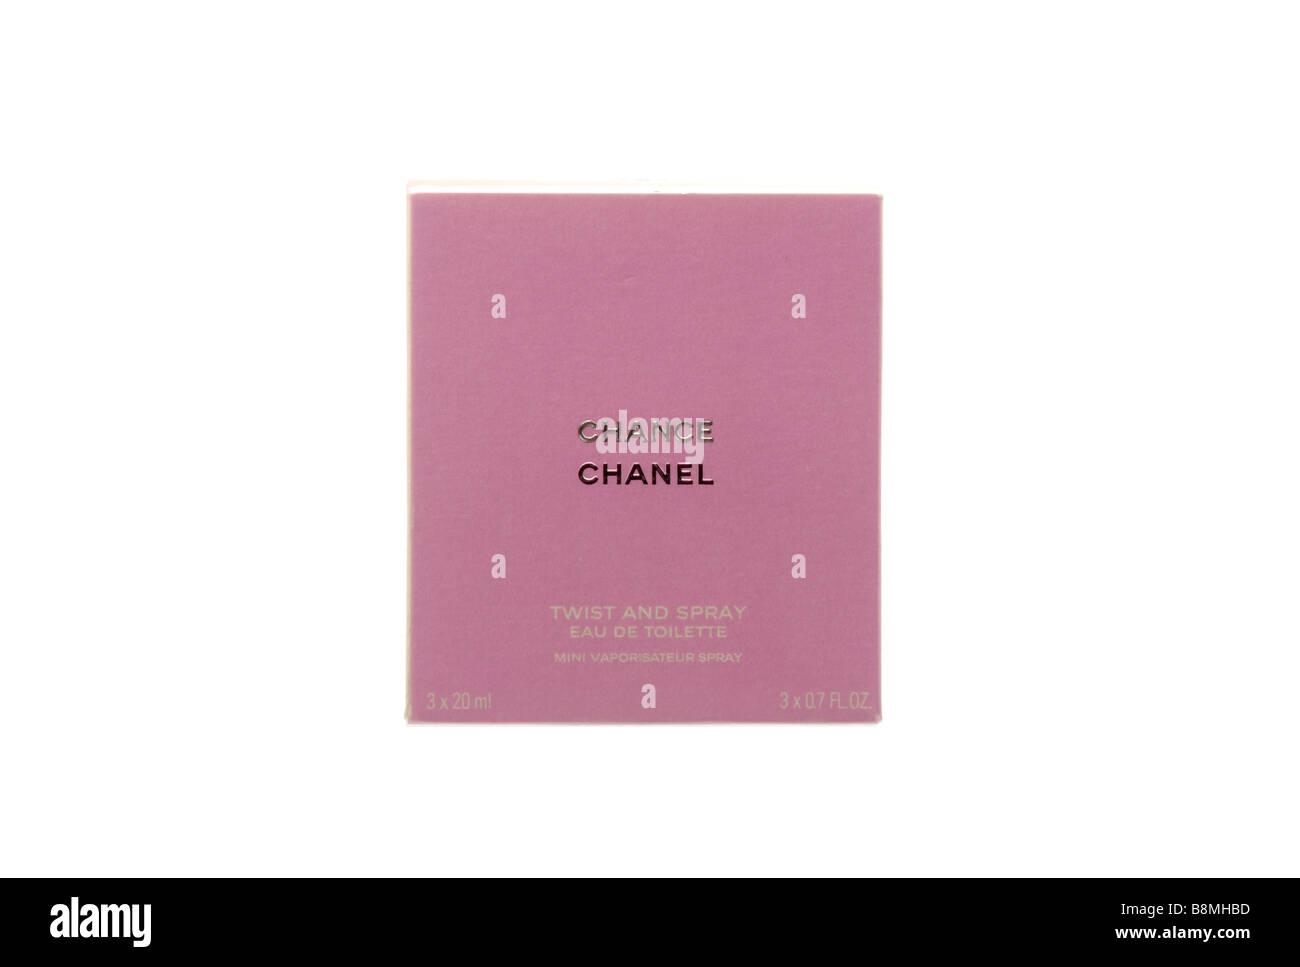 Chanel perfume - Stock Image